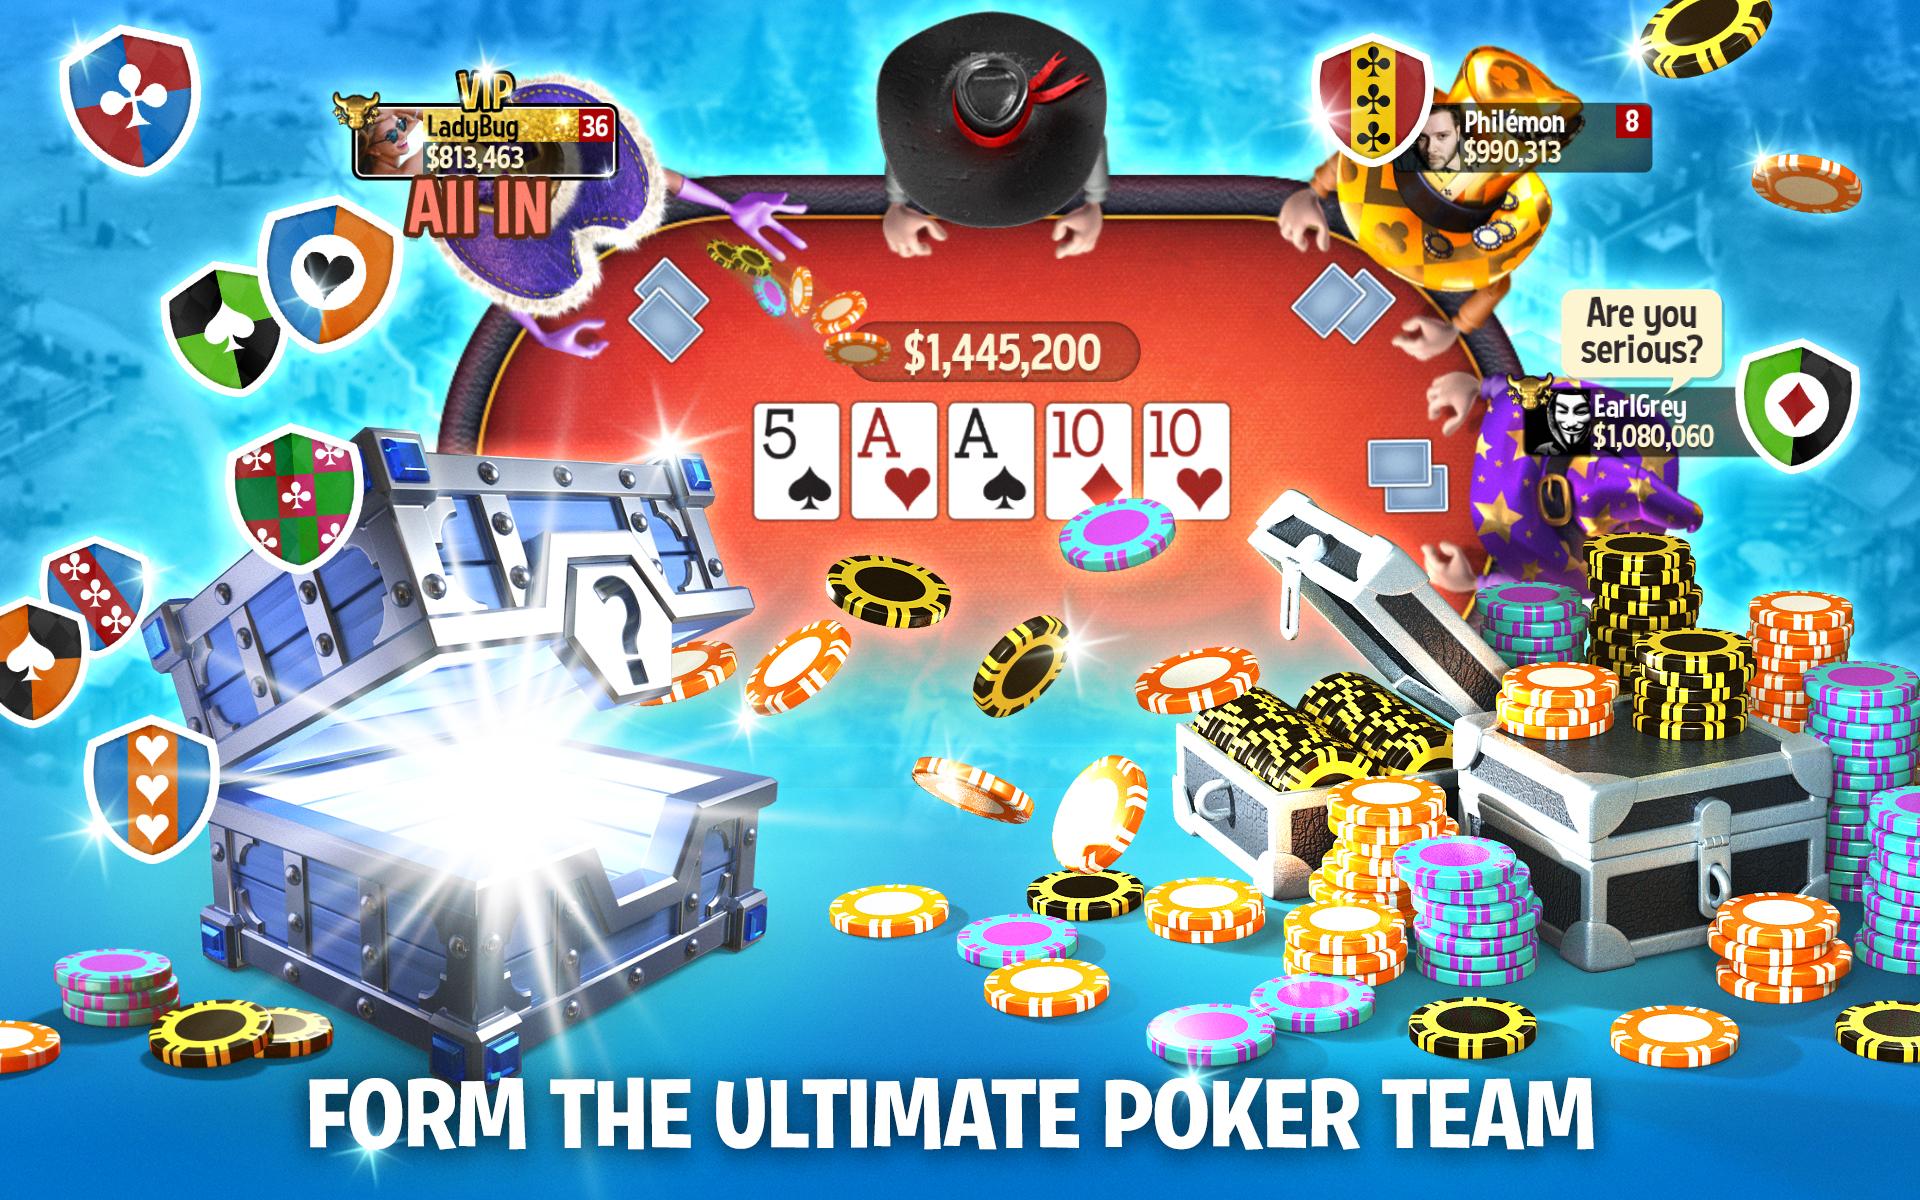 Governor Poker 3